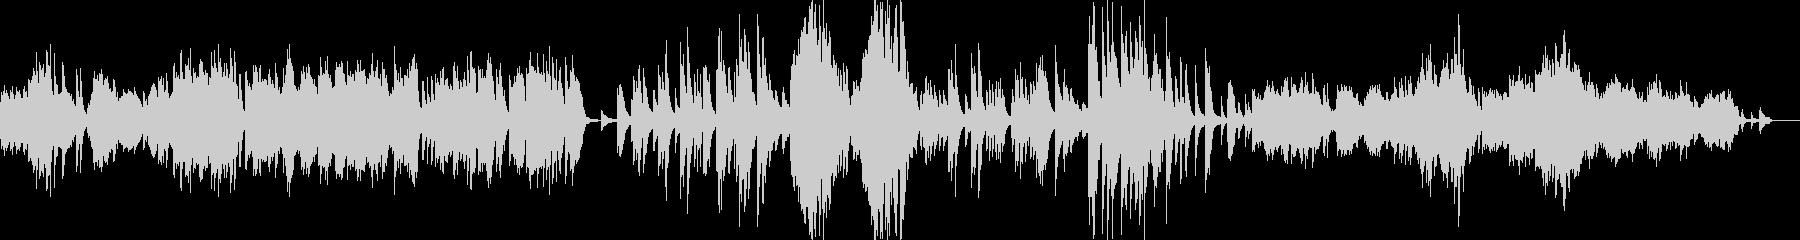 ドビュッシーの人気曲、アラベスク第一番の未再生の波形